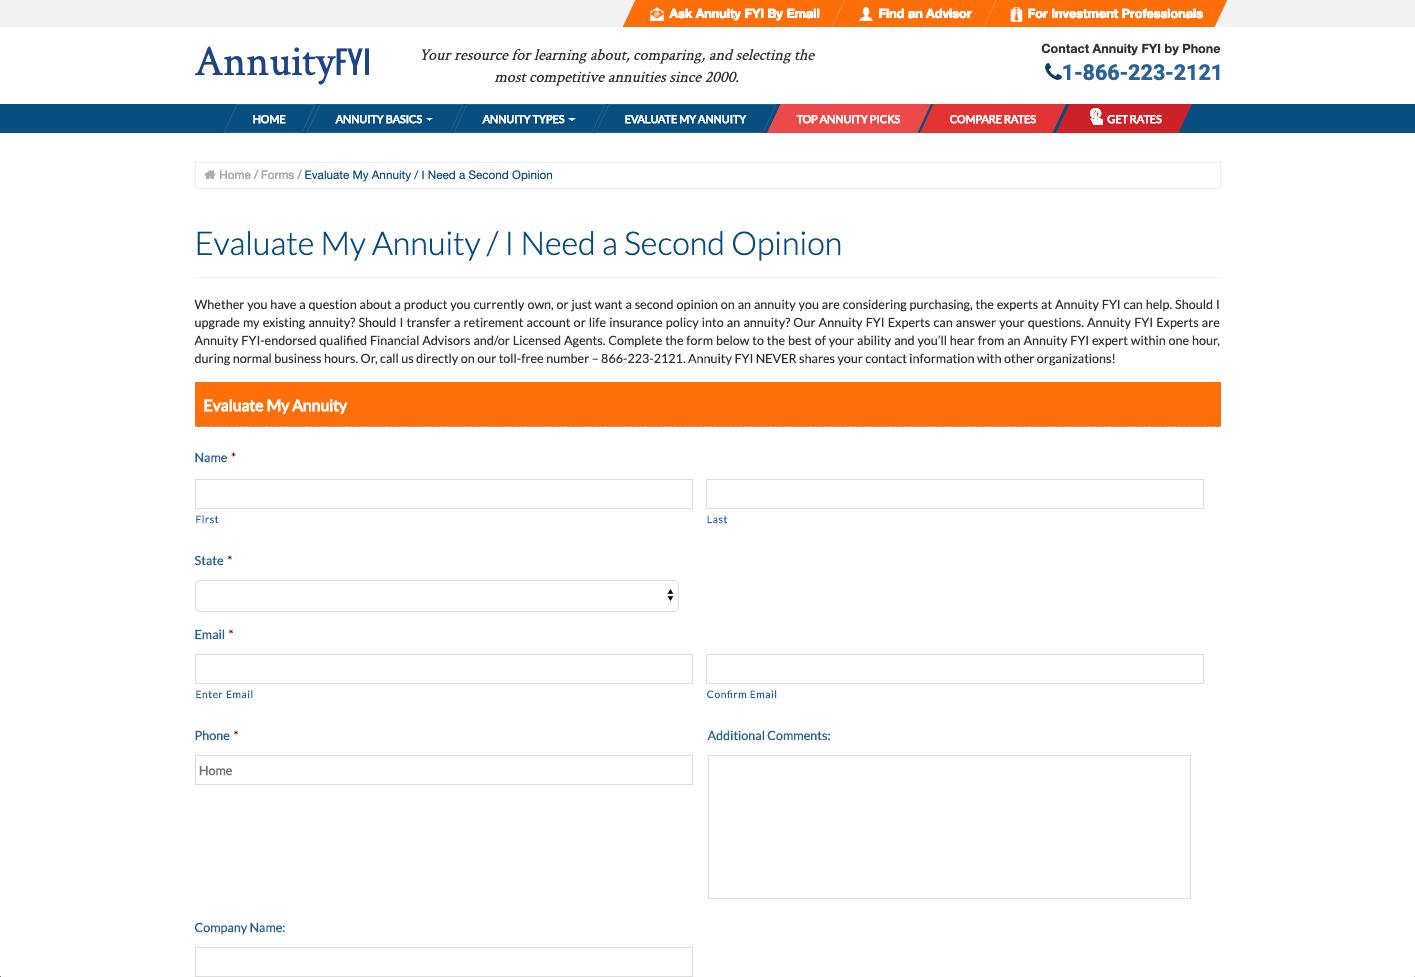 annuity-fyi-5